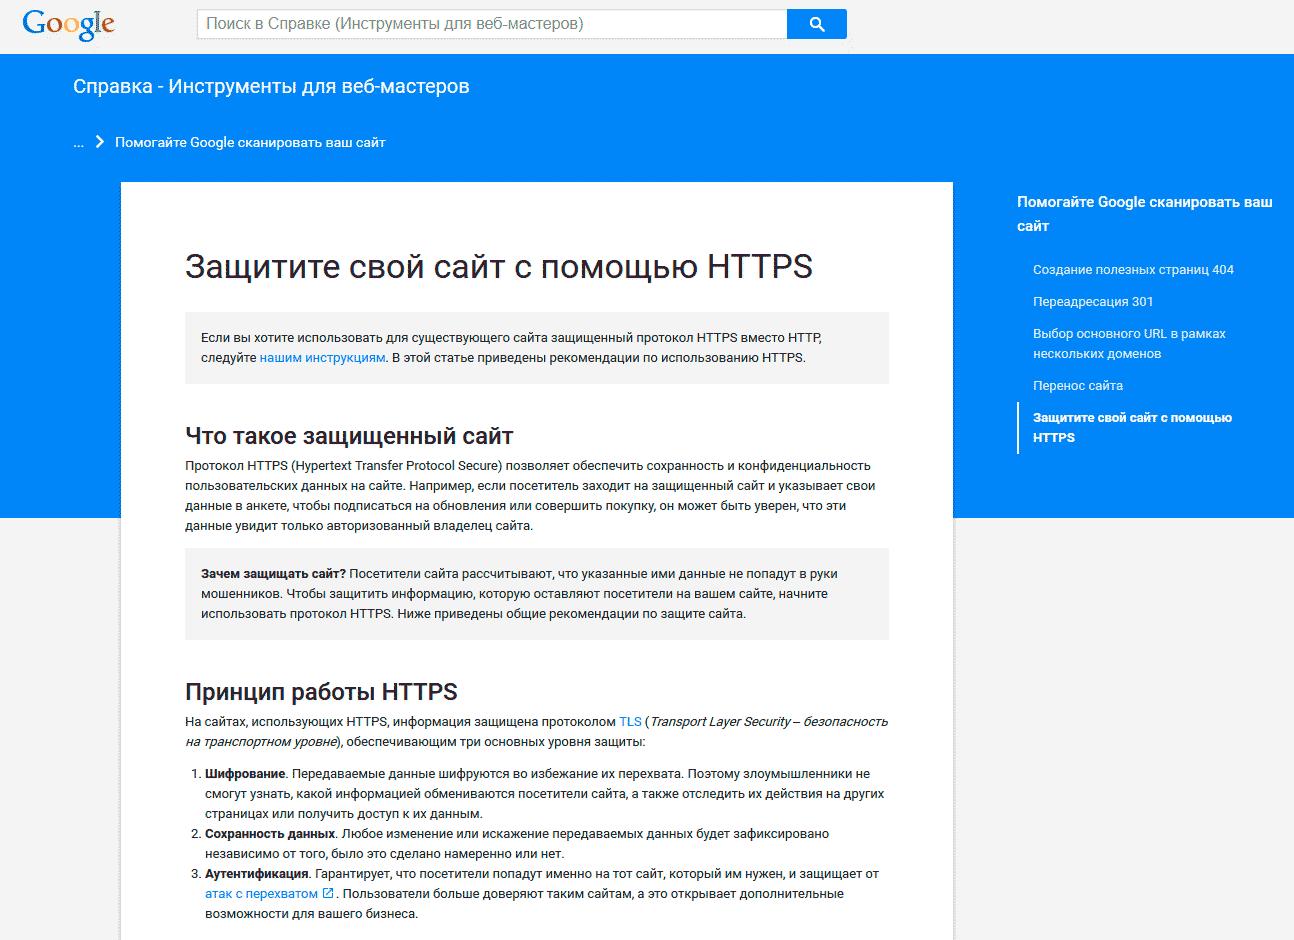 Как сделать защищенное соединение для своего сайта